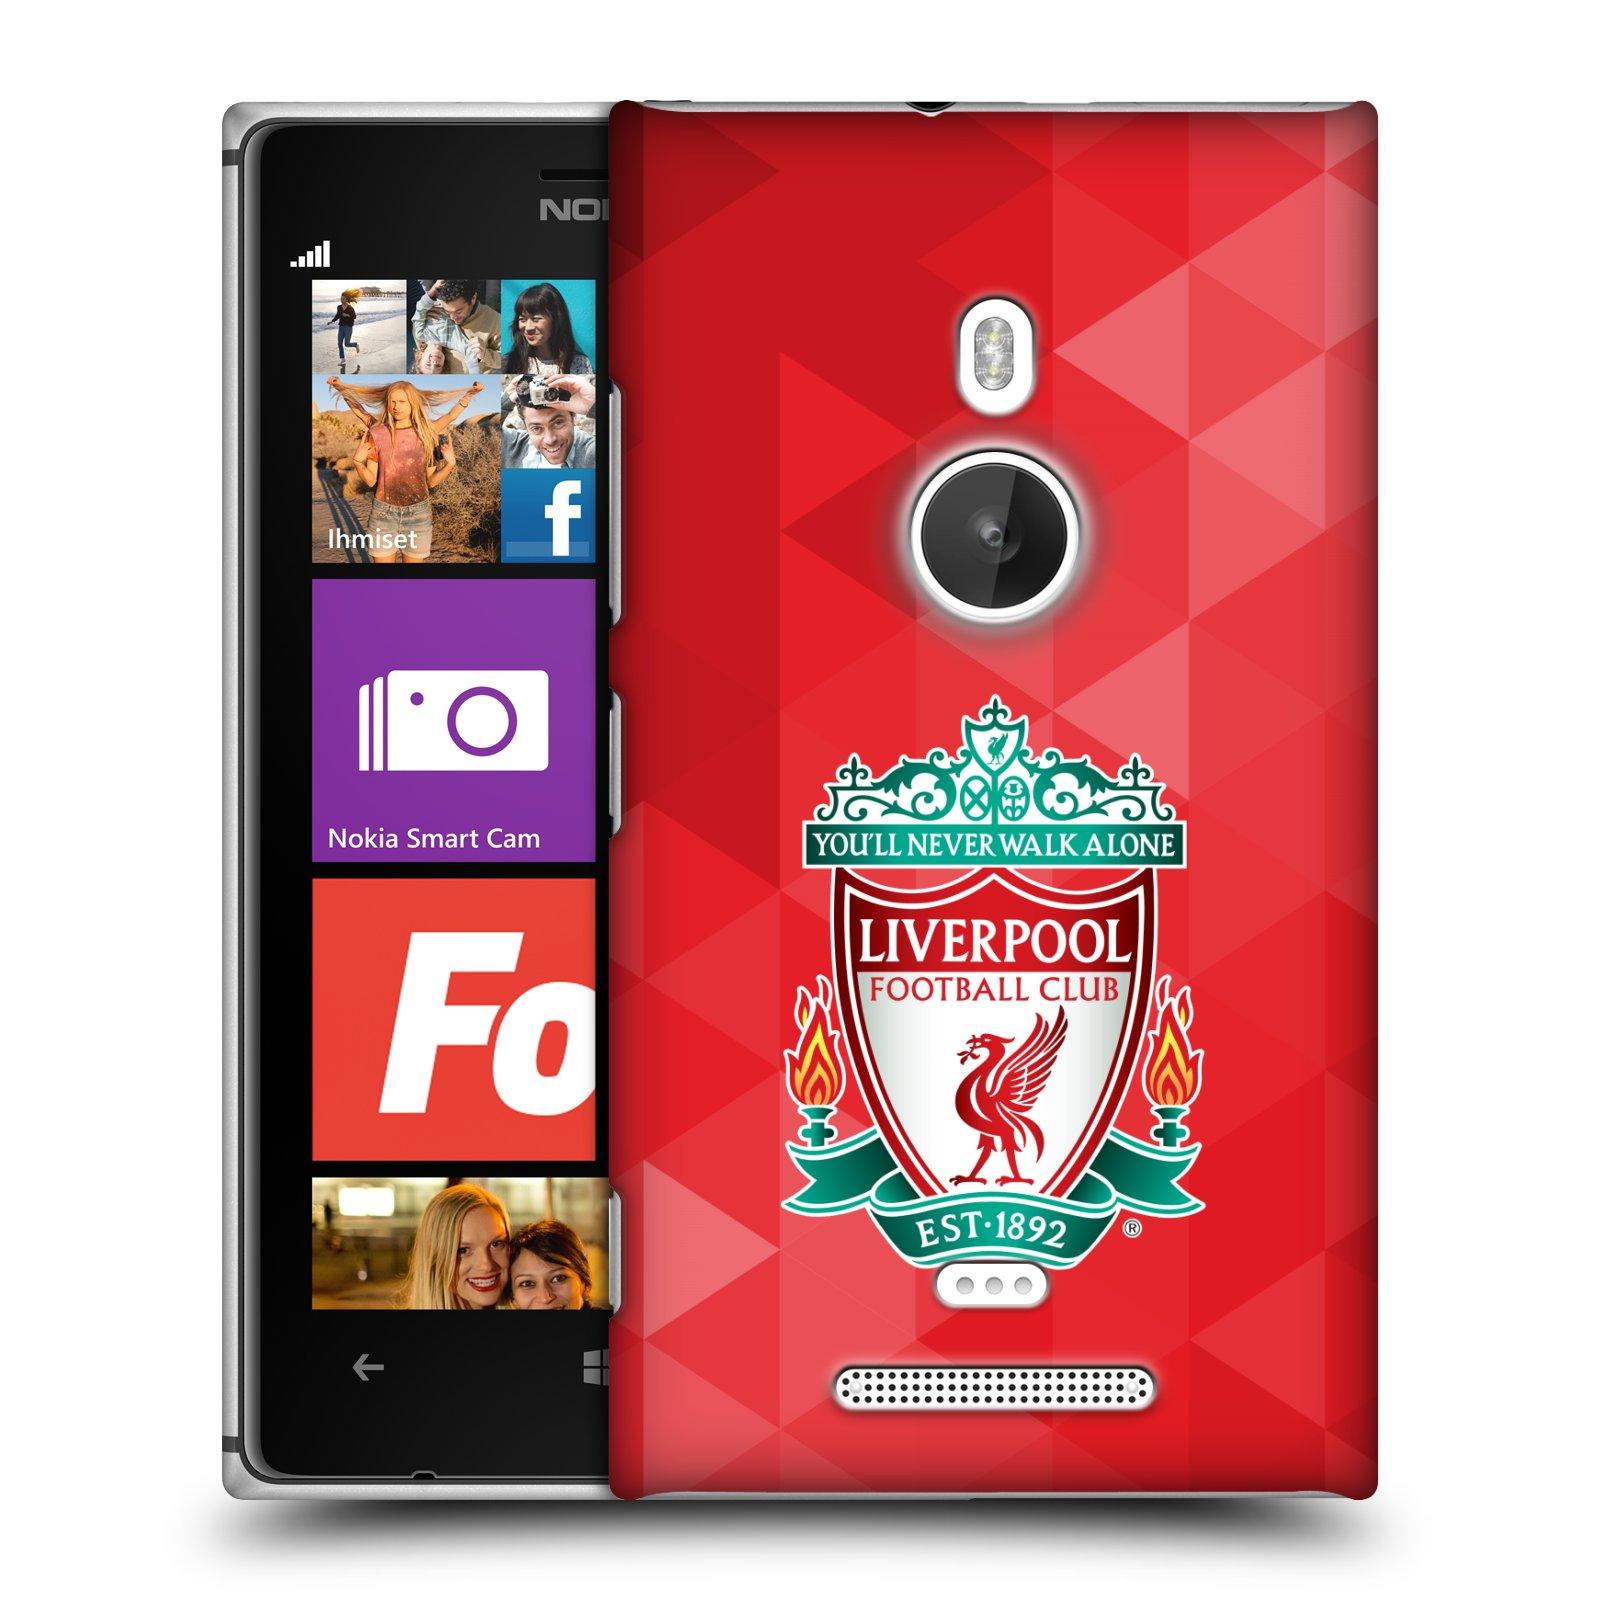 Plastové pouzdro na mobil Nokia Lumia 925 HEAD CASE ZNAK LIVERPOOL FC OFFICIAL GEOMETRIC RED (Kryt či obal na mobilní telefon Liverpool FC Official pro Nokia Lumia 925)